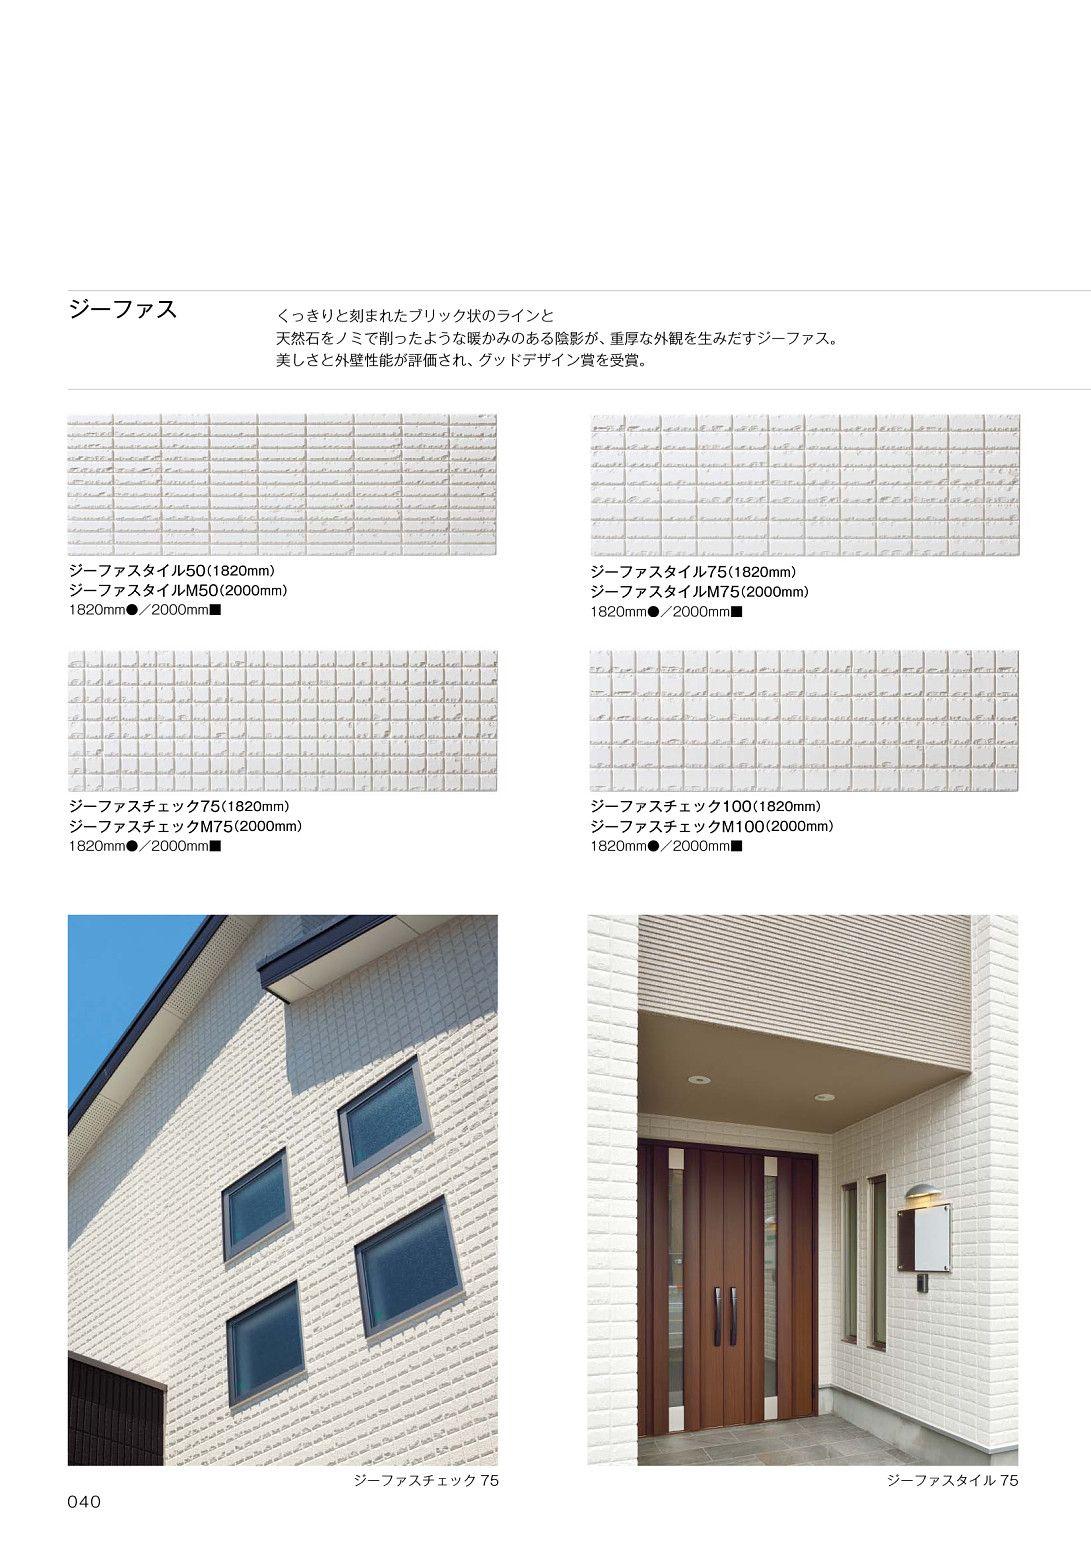 旭化成建材株式会社 2016 2017 ヘーベルパワーボードカタログ